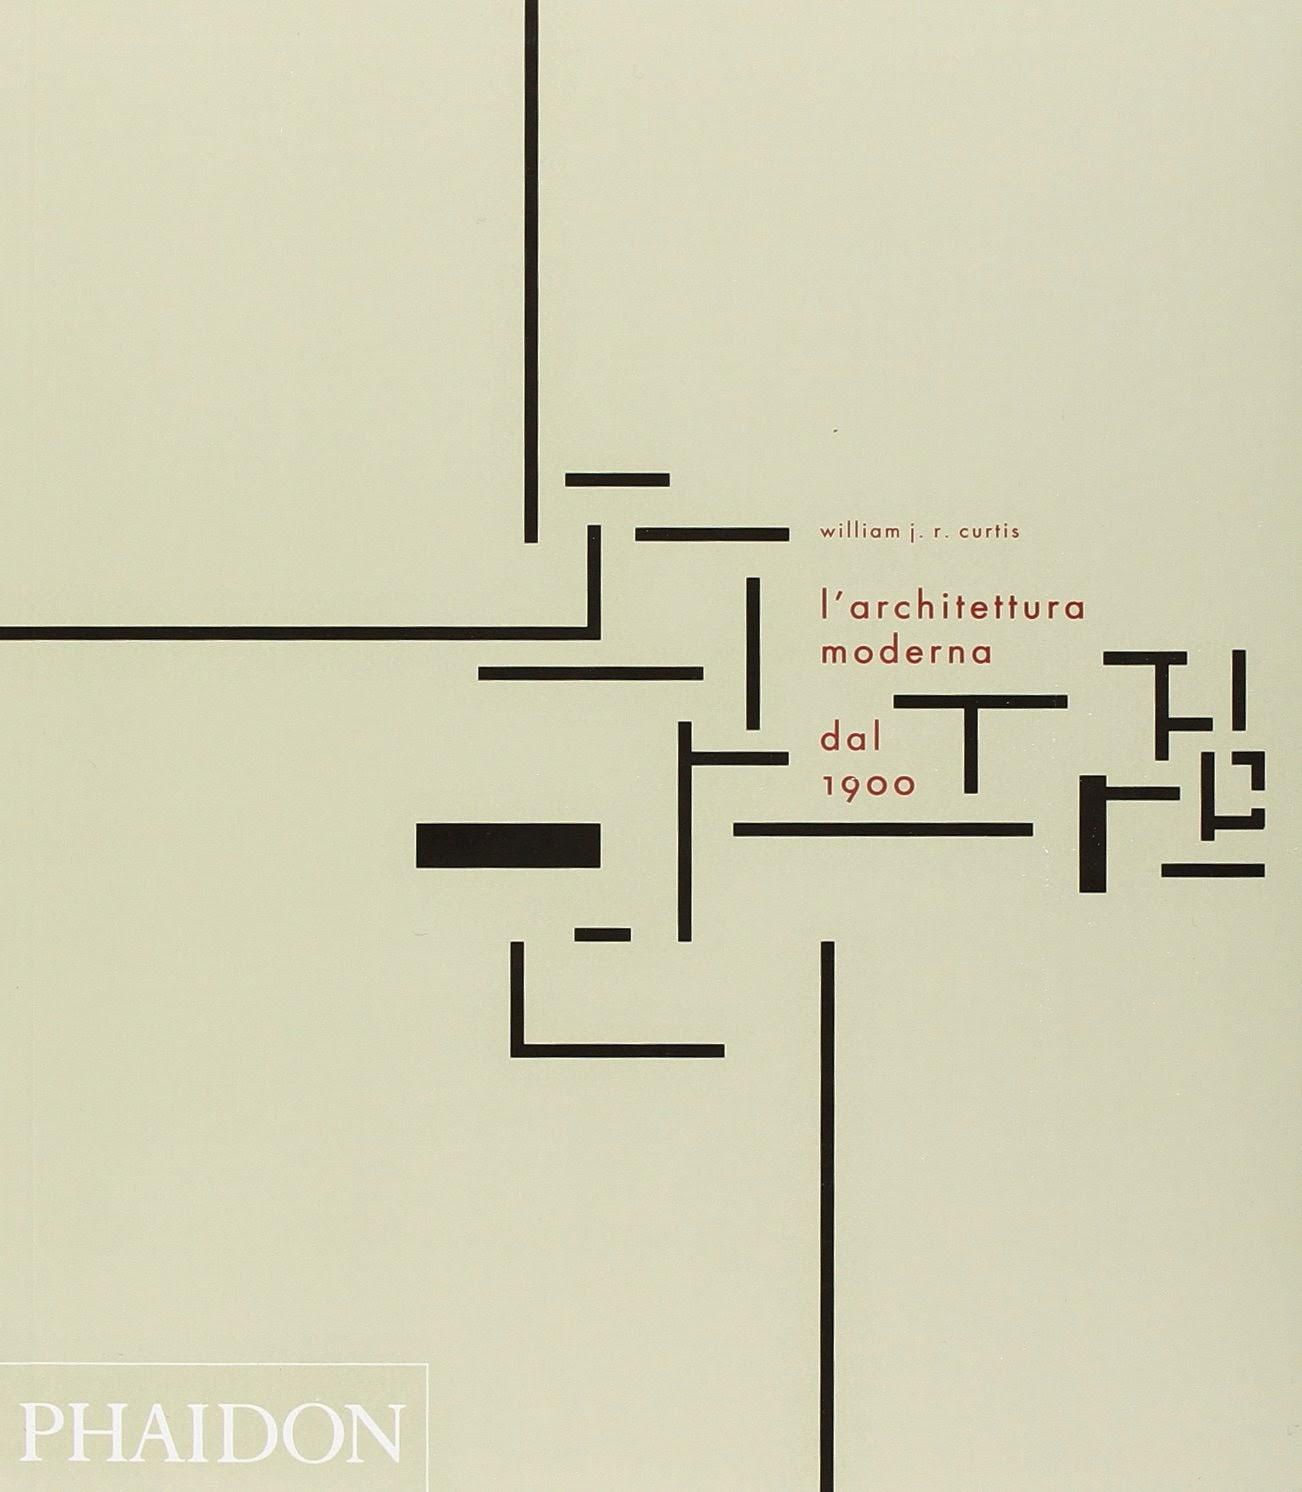 Storia del design e dell 39 architettura il movimento for Case di architettura e design